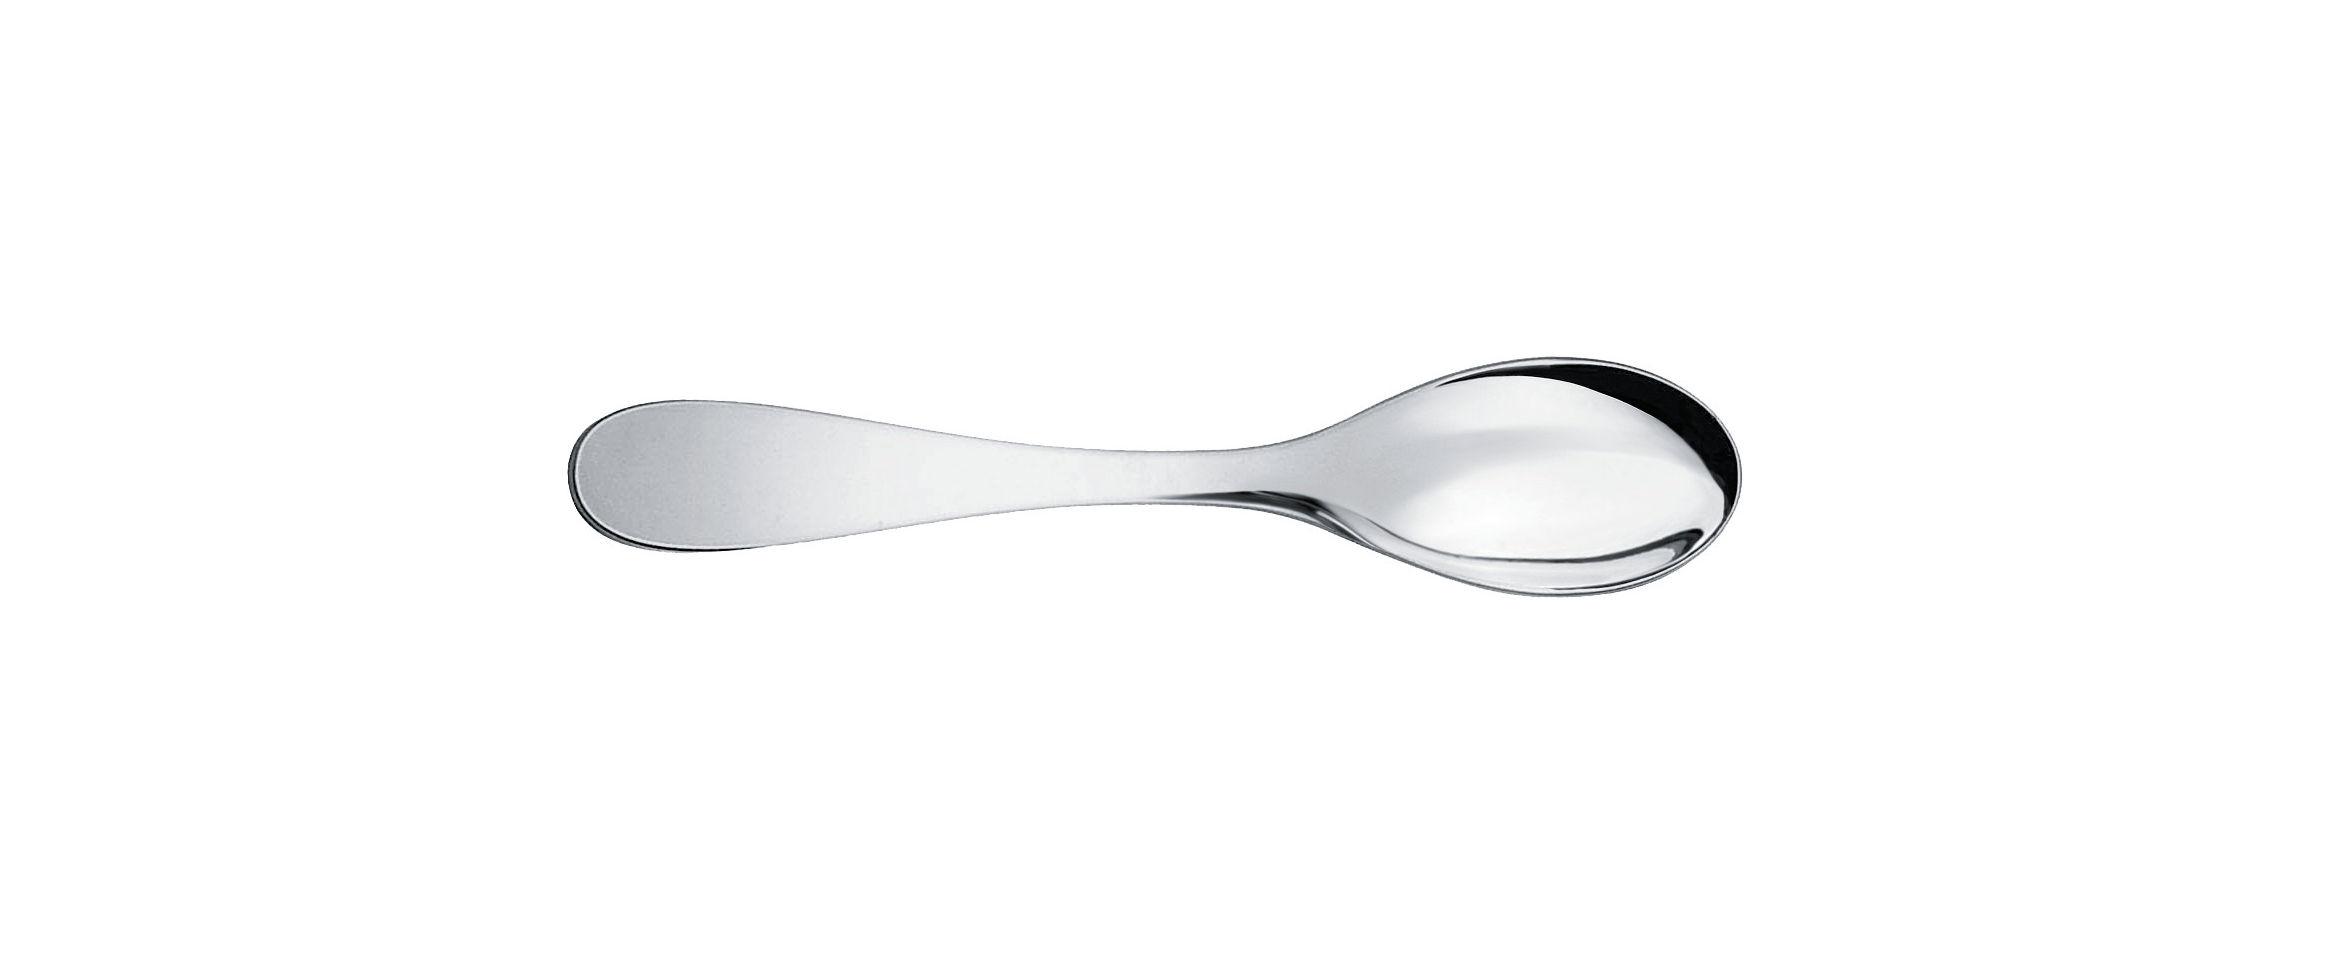 Tavola - Posate - Cucchiaio da caffé Eat.it di Alessi - Caffè / L 12,7 cm - Acciaio inox 18/10